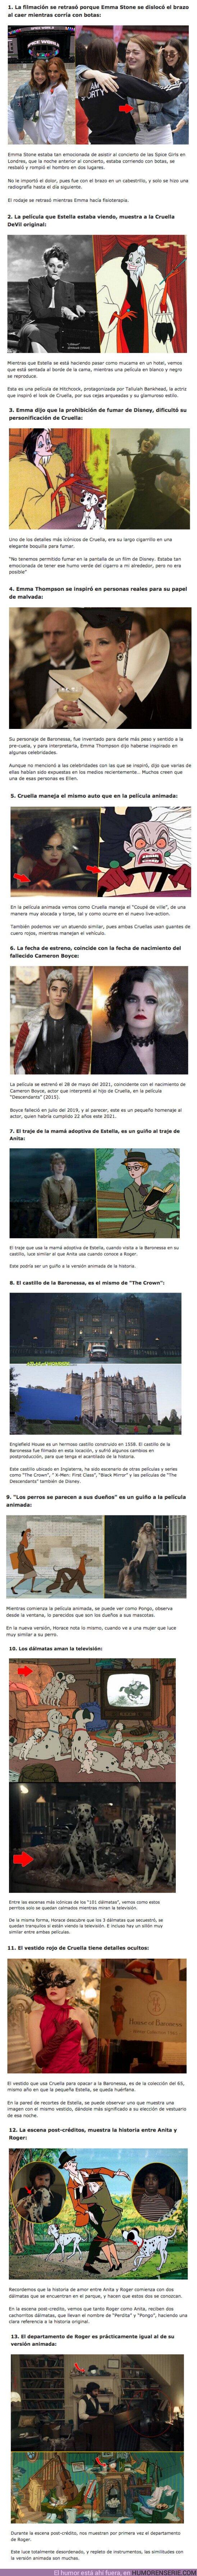 74972 - GALERÍA: 13 Curiosidades de Cruella, la película más oscura de Disney